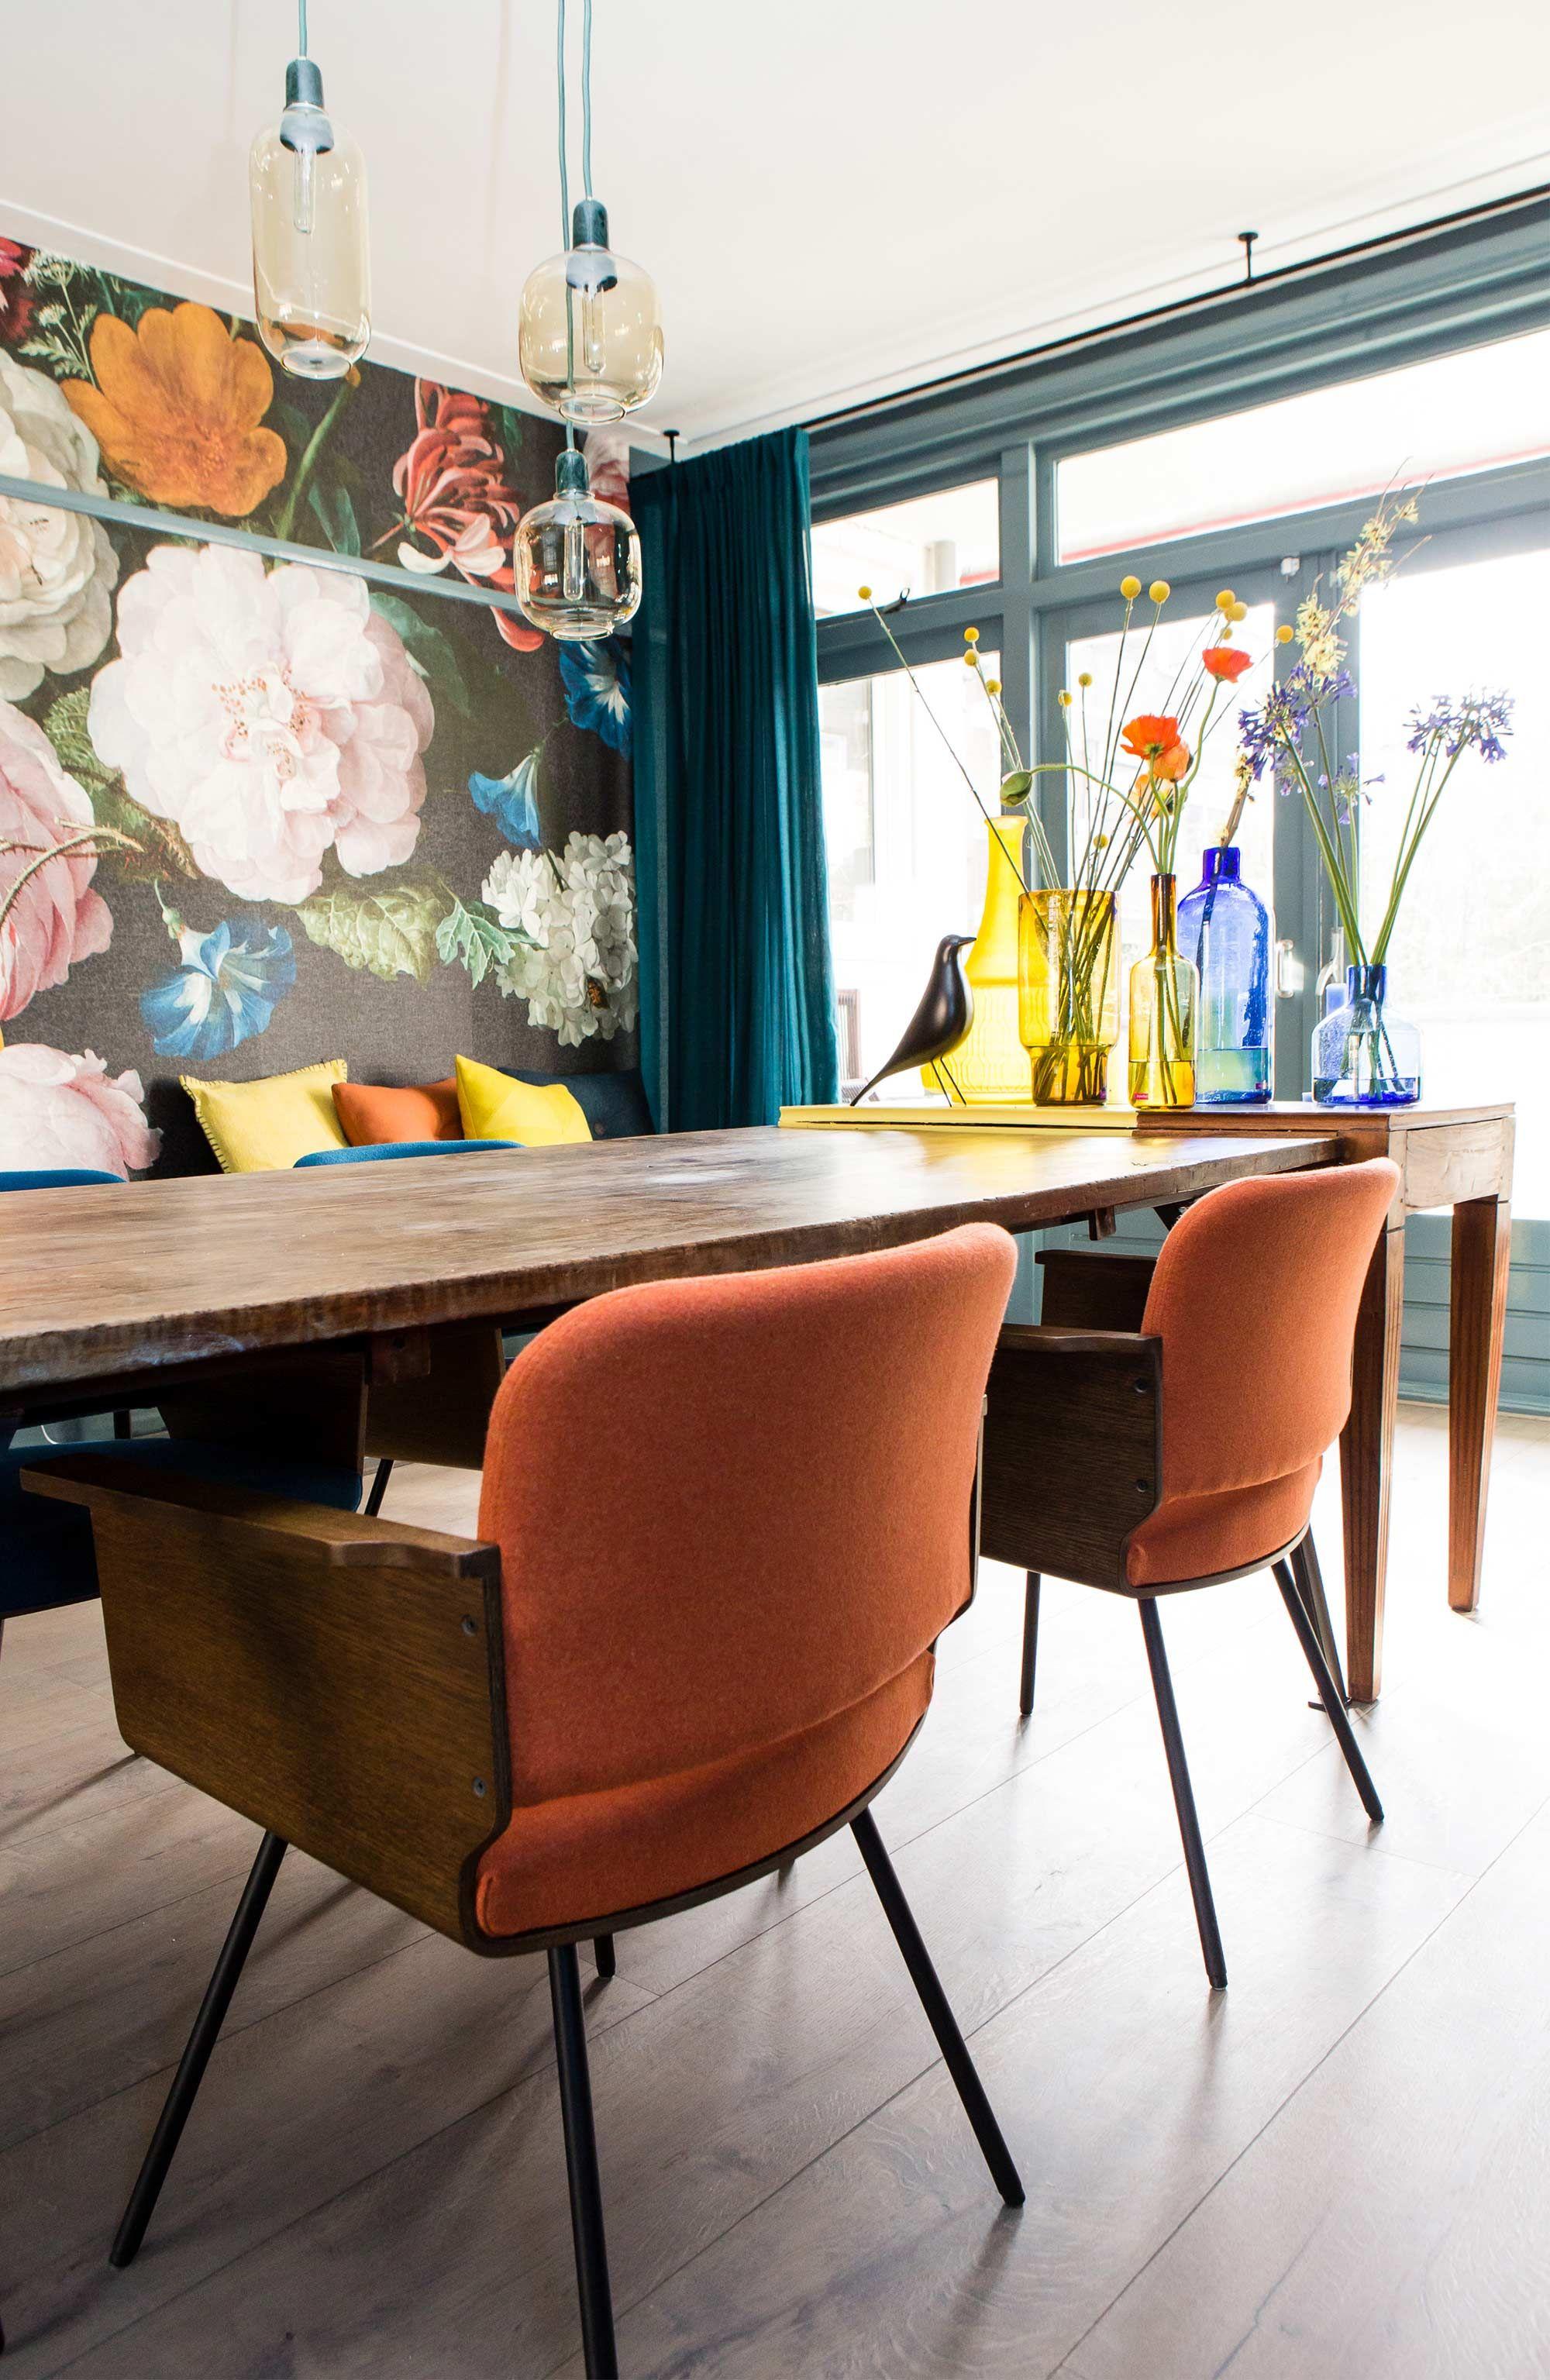 Pin van Marjolijn Verstegen op Feels like home | Pinterest - Eethoek ...